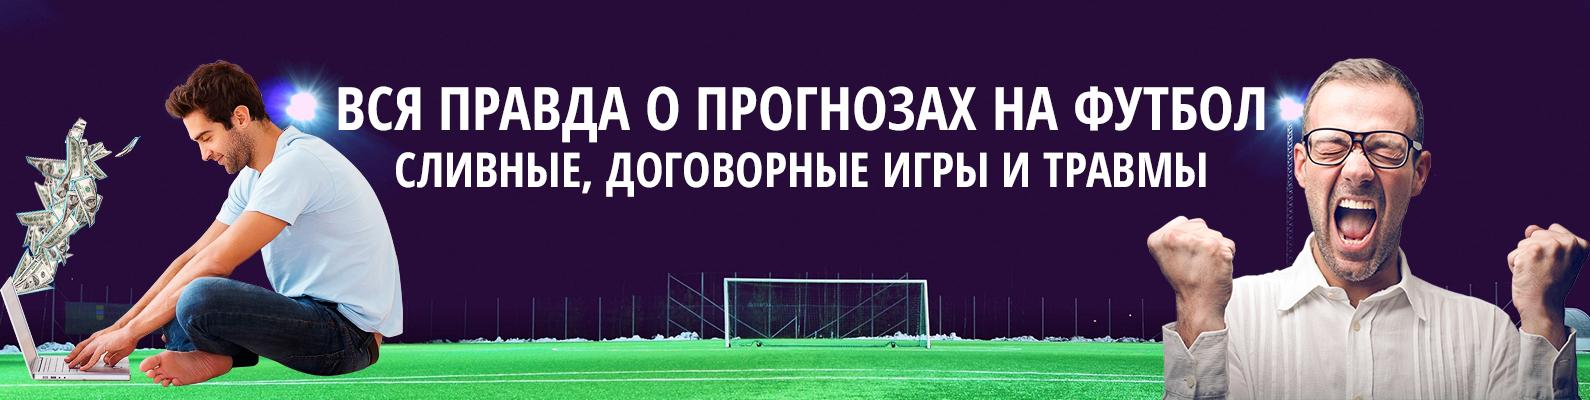 Прогнозы на спорт эдуард ставки по транспортному налогу в татарстане